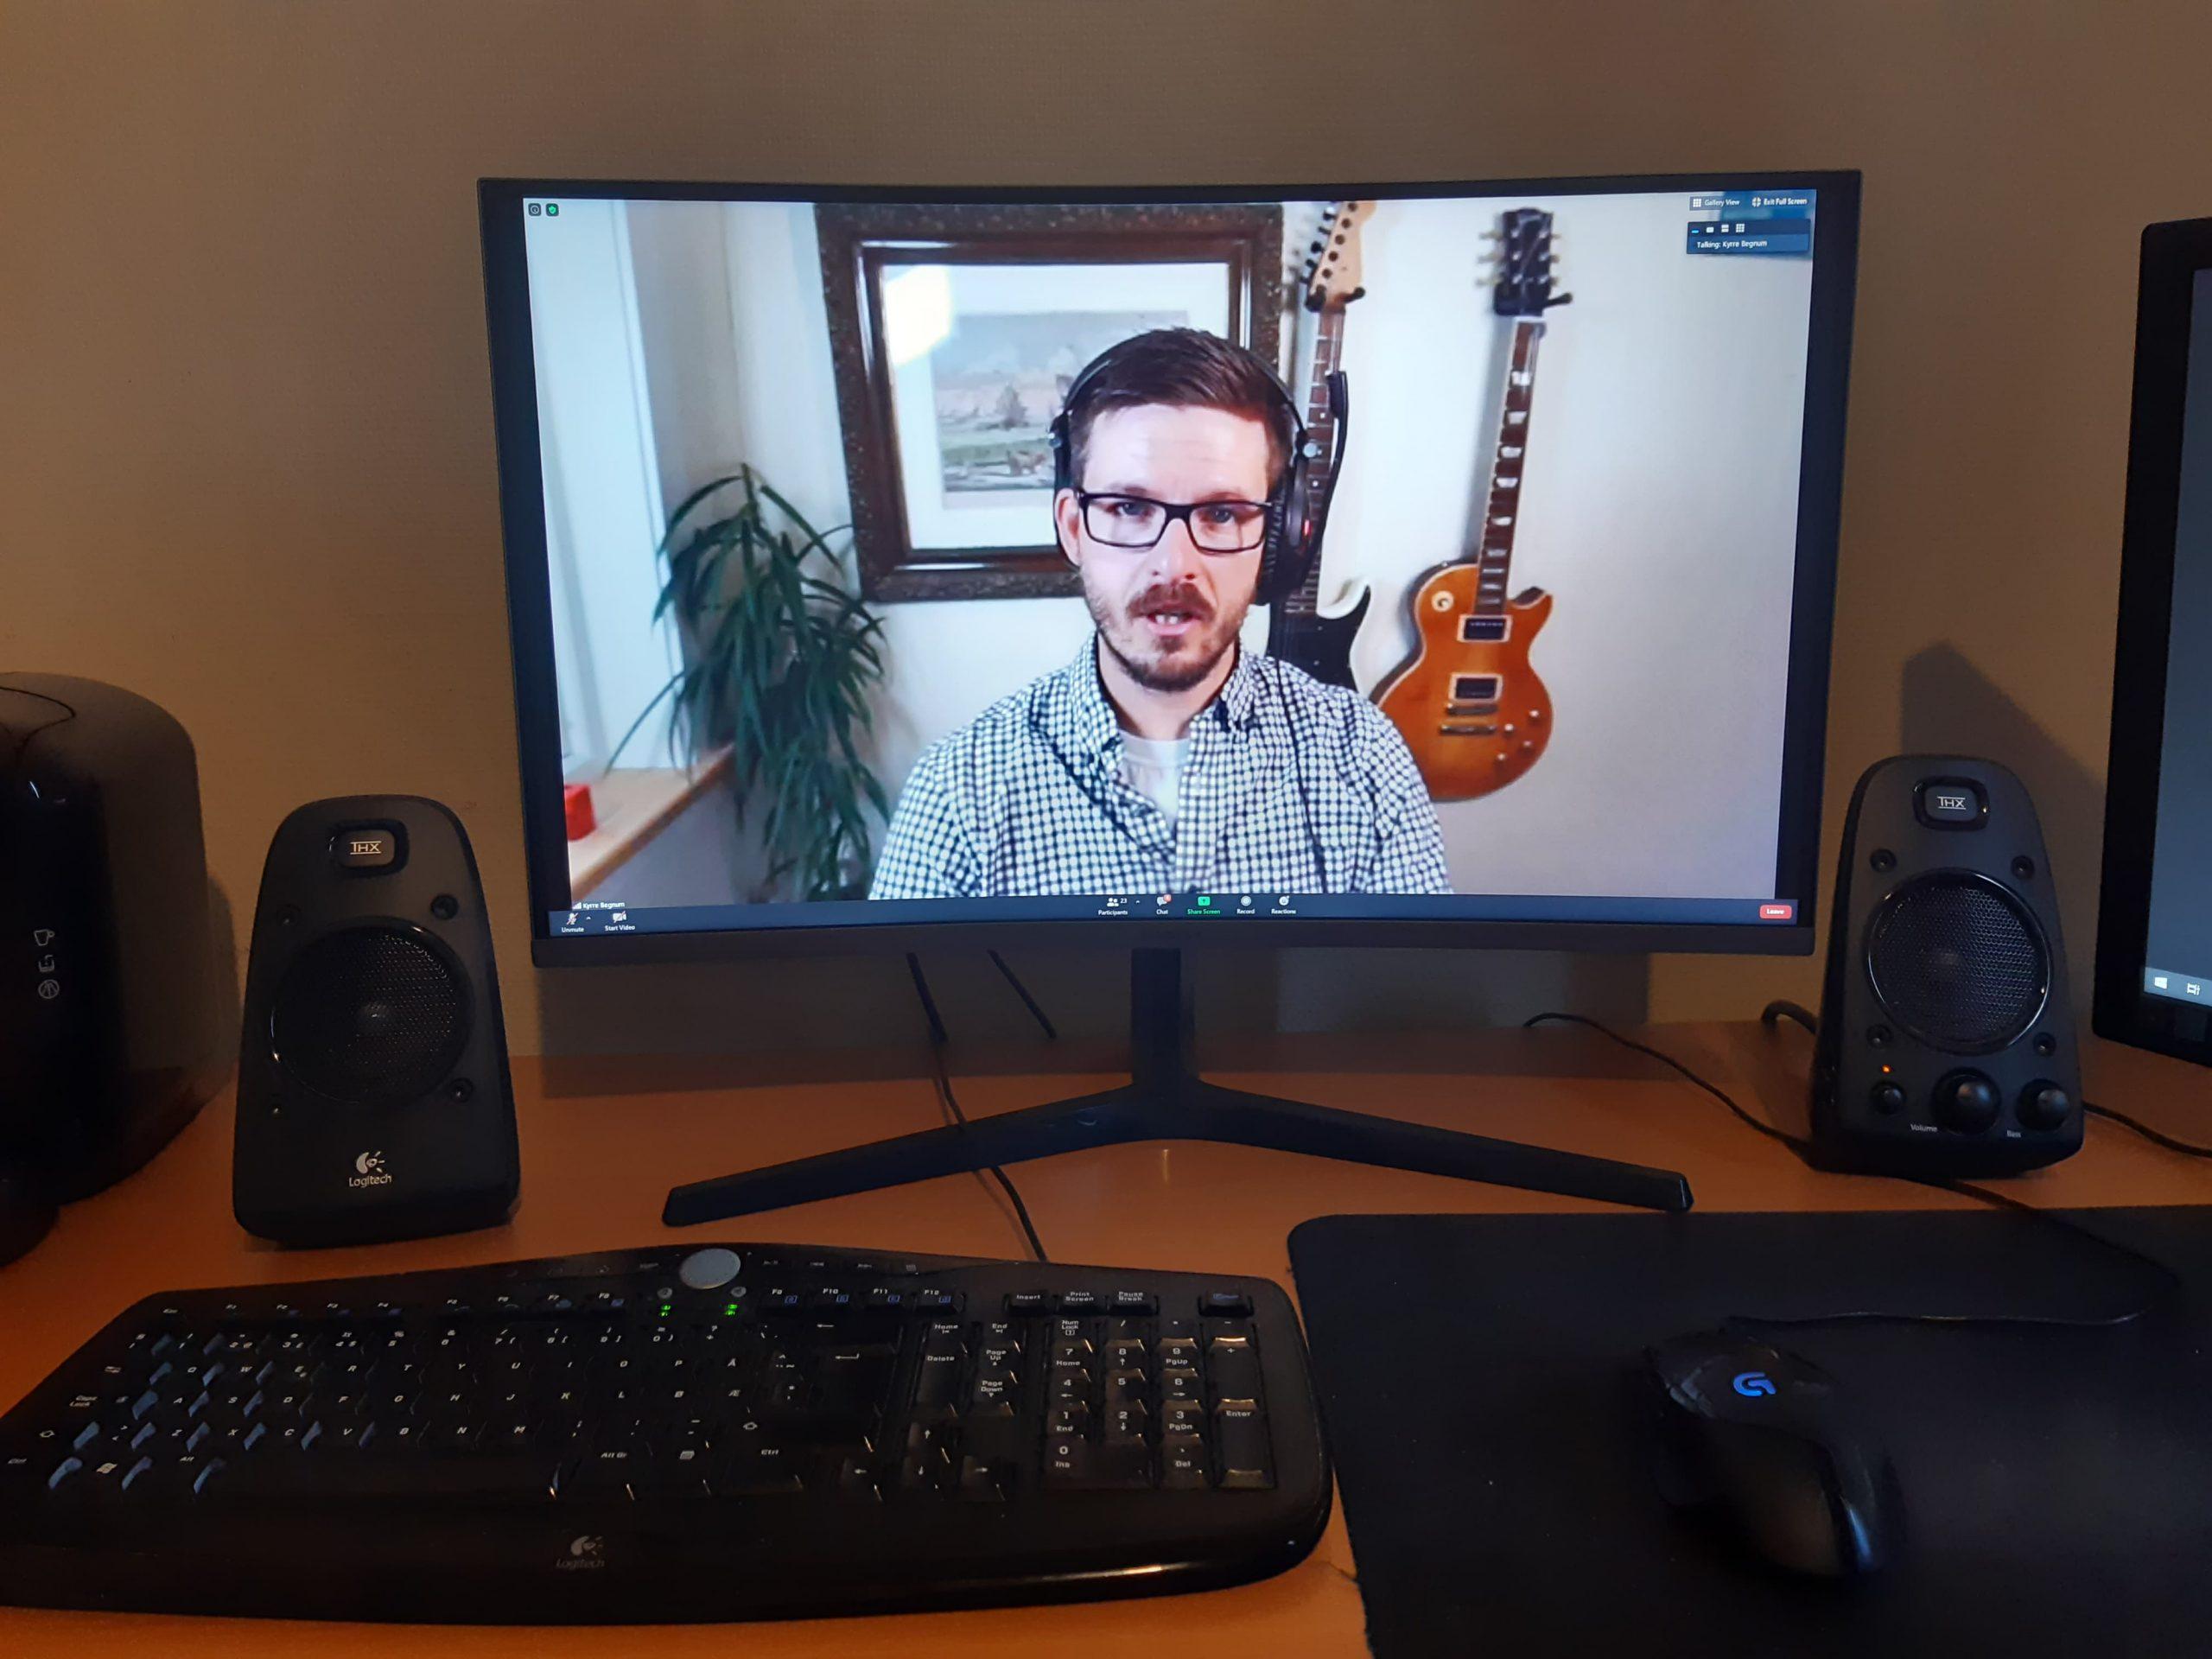 Bilde av et skrivebord med PC-skjermer. Kyrre underviser fra en av skjermene